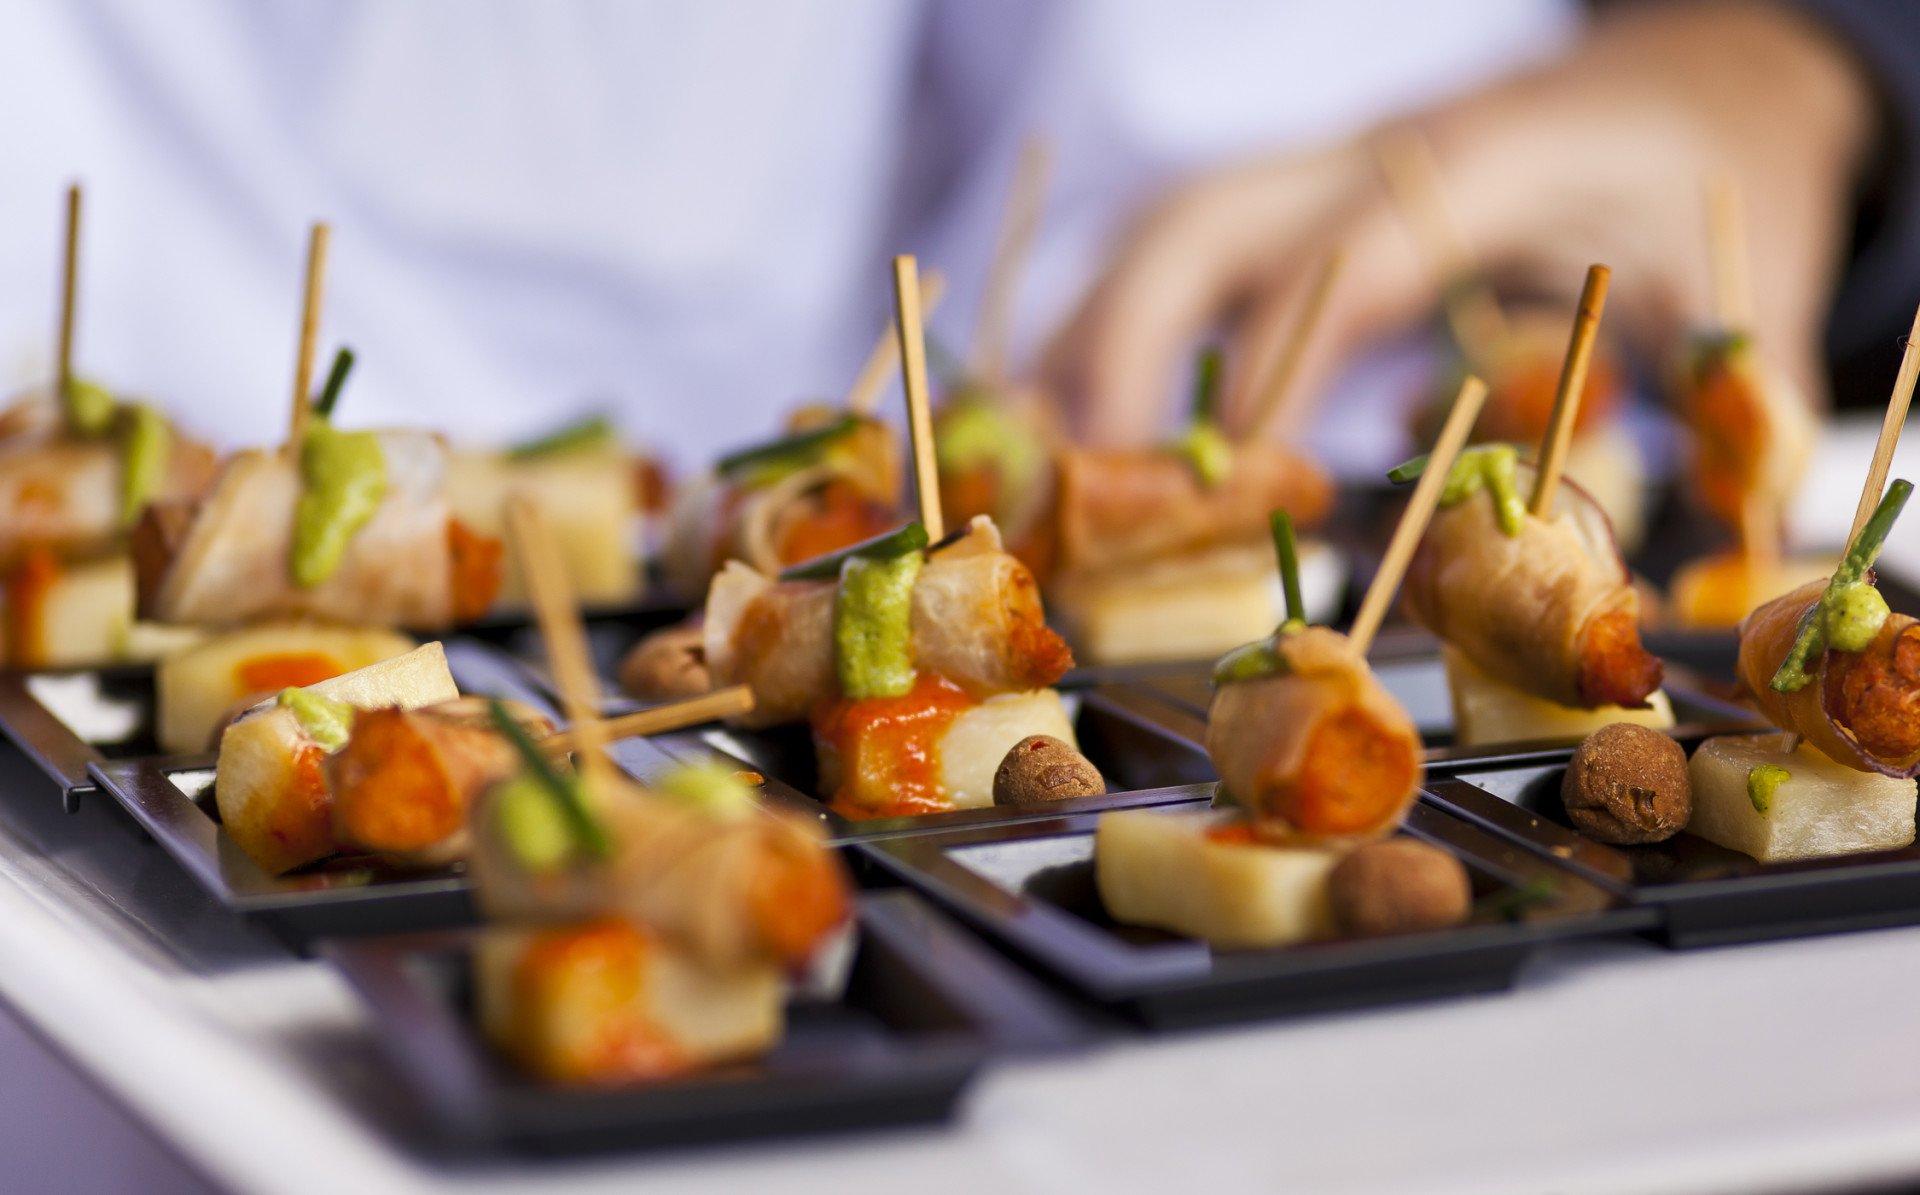 Crispy potatoes with gofio sauce 2020